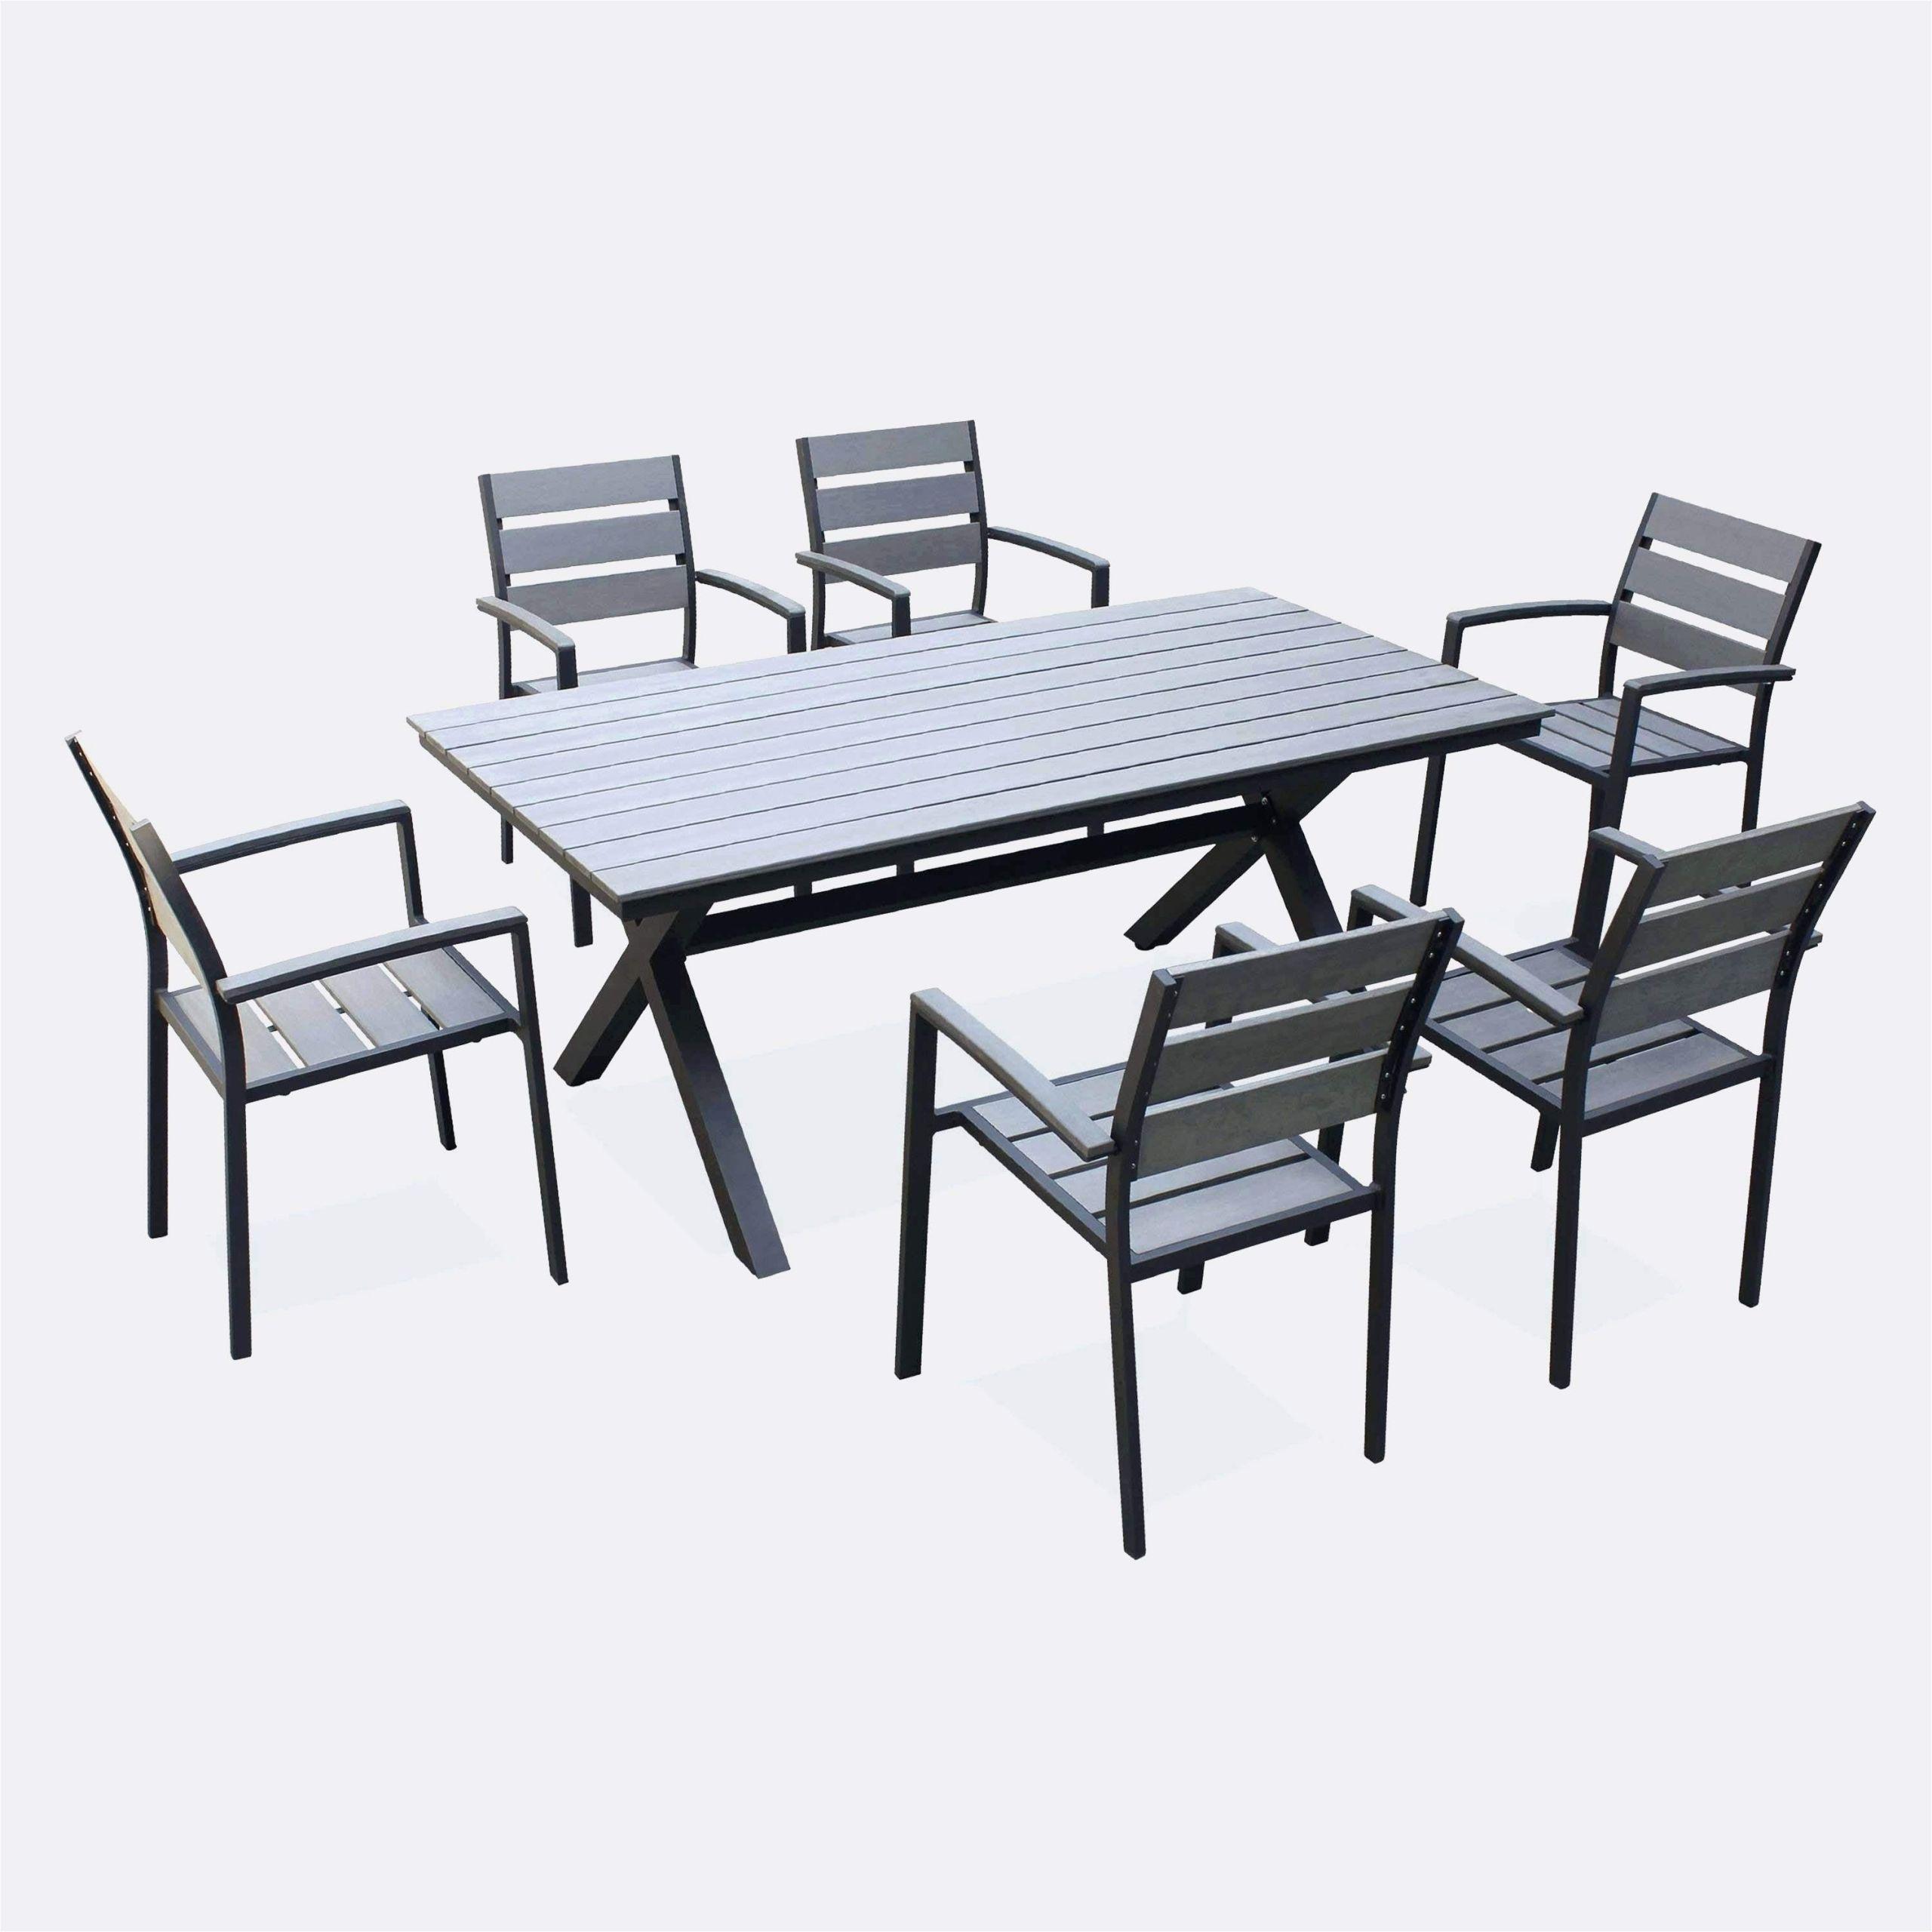 banc de jardin avec coffre frais engageant table banc jardin avec 20 elegant table de jardin en bois of banc de jardin avec coffre